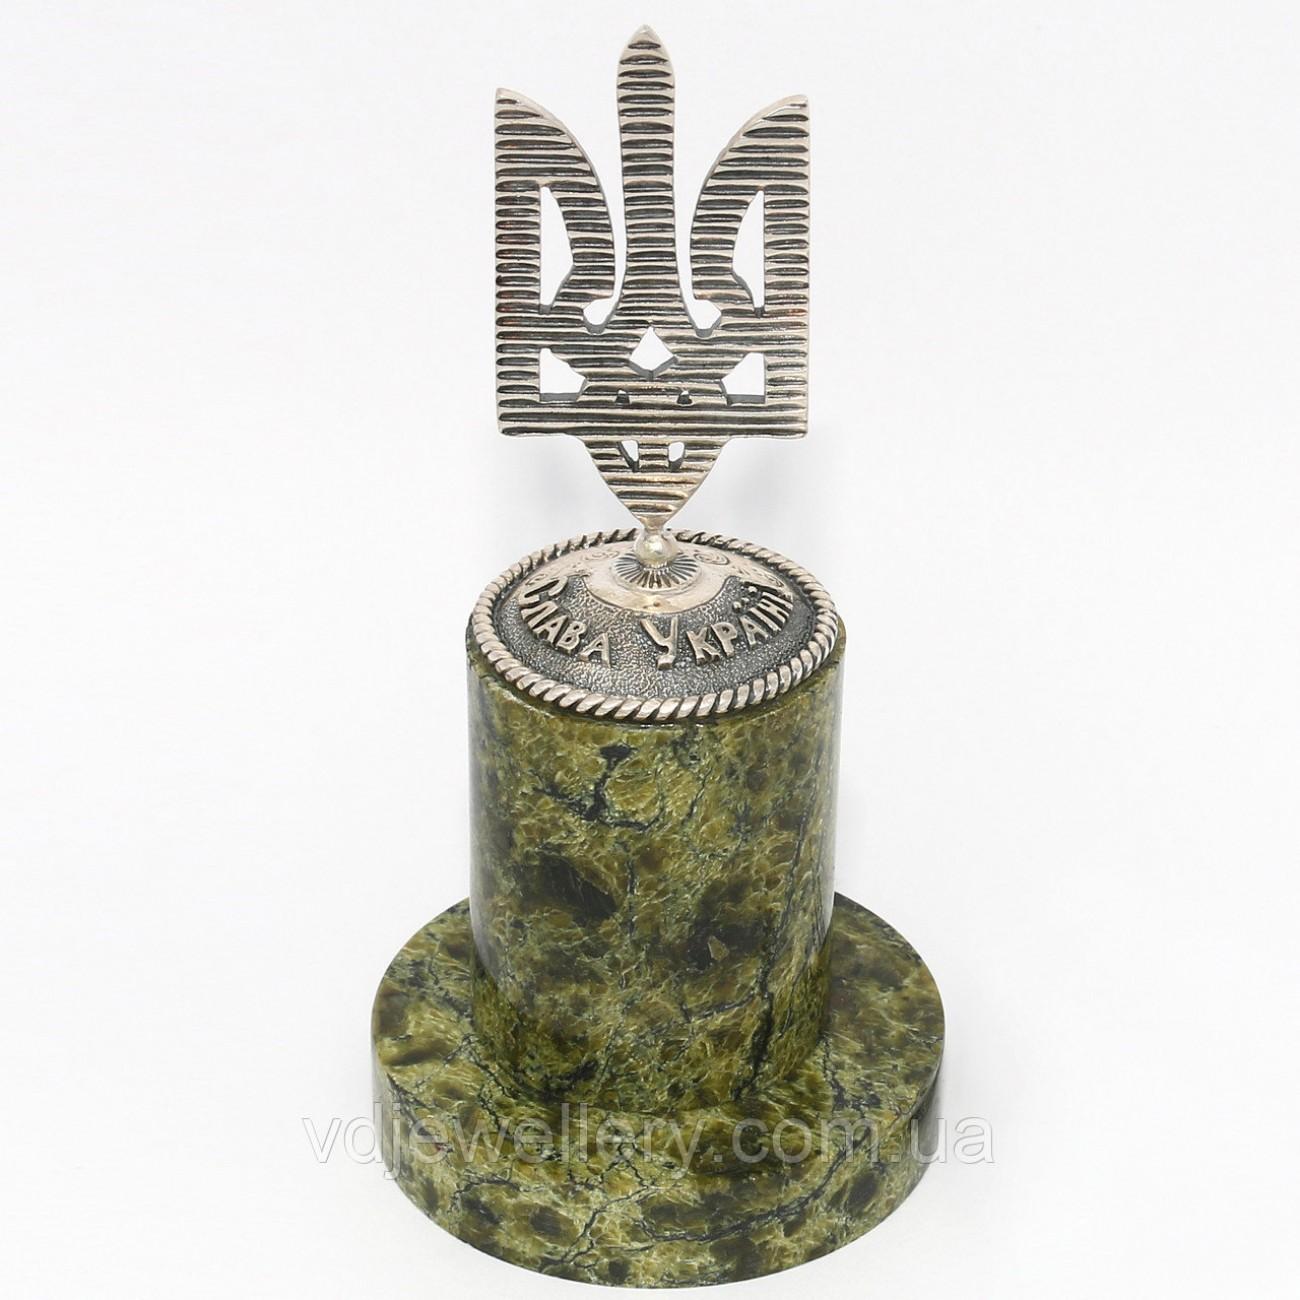 """Серебряный сувенир """"Герб Украины"""""""